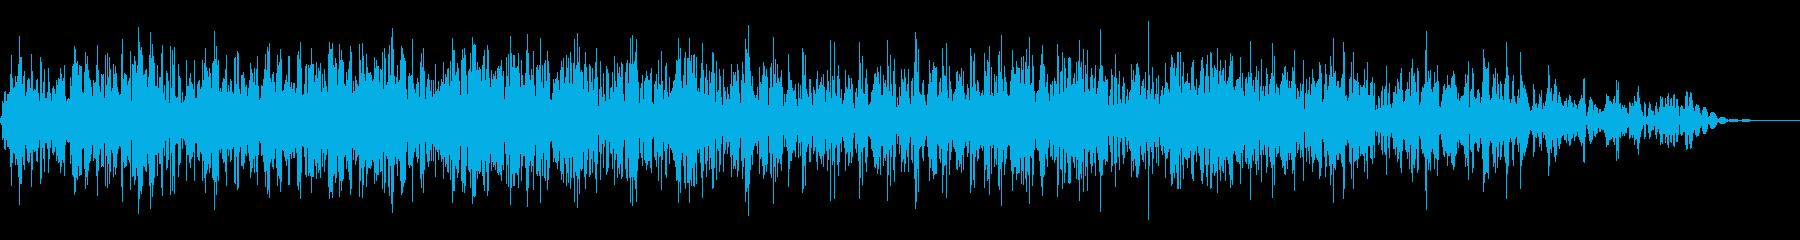 巻き戻し11の再生済みの波形